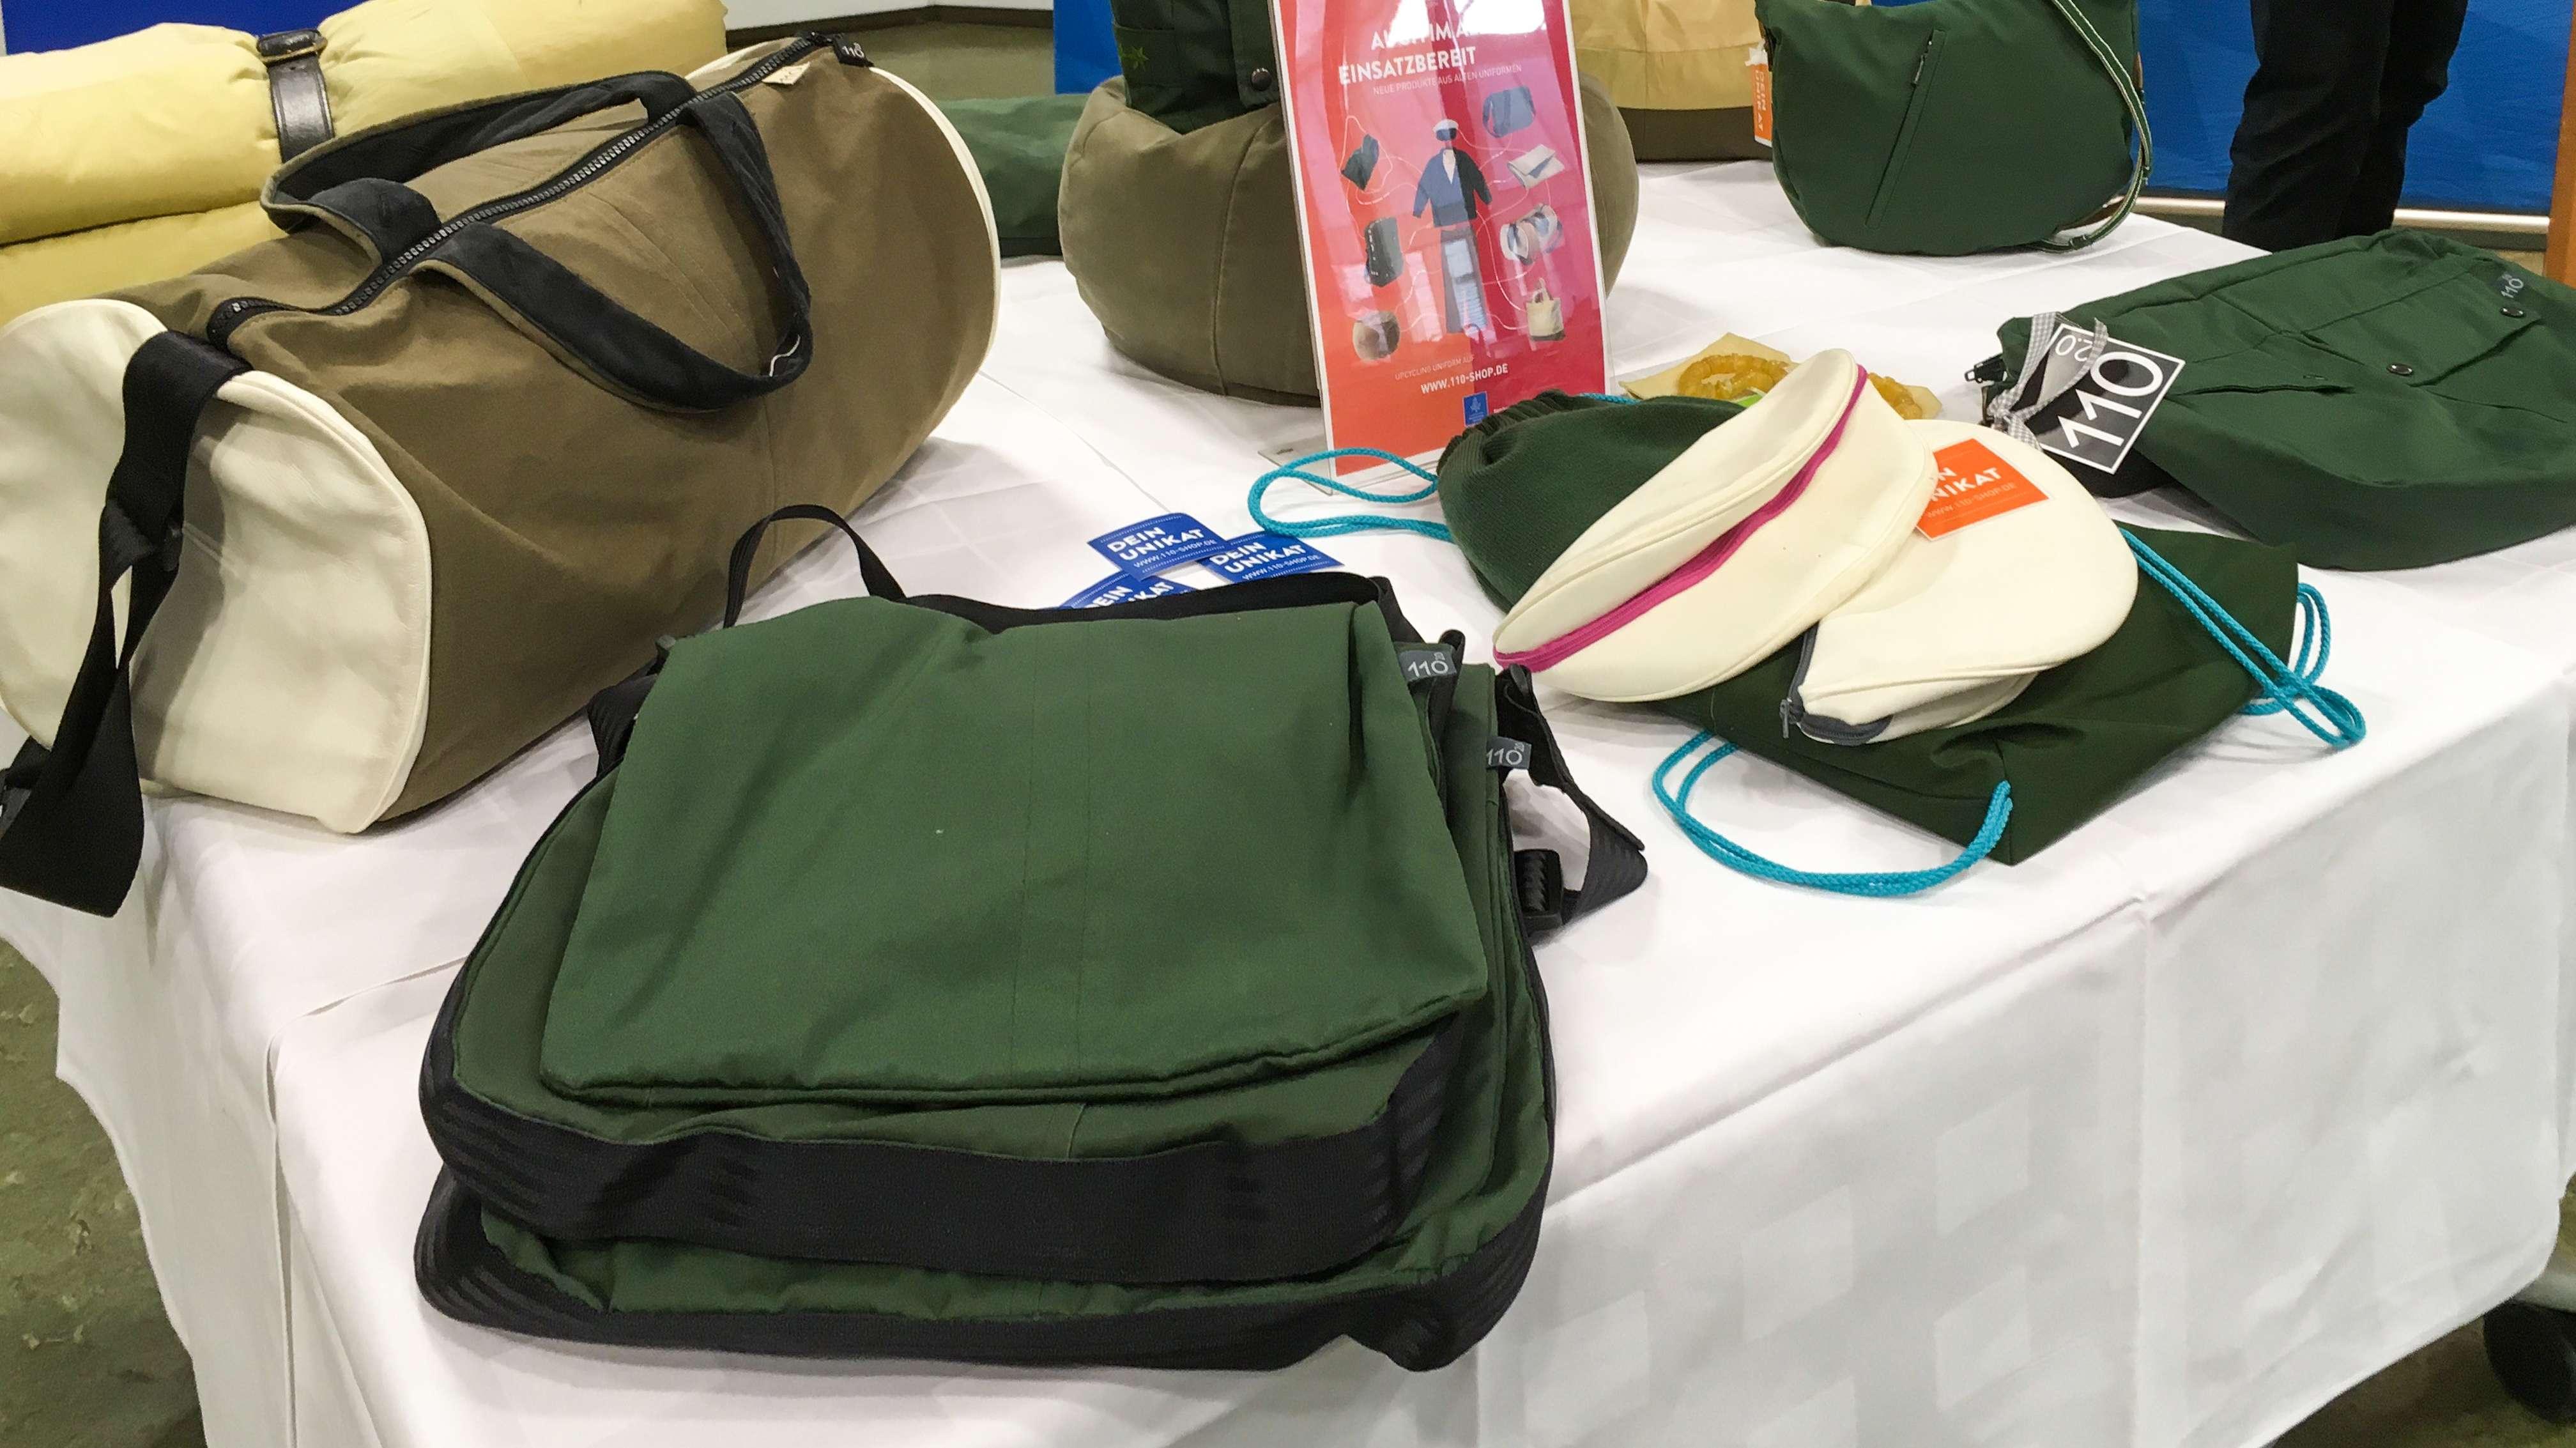 Taschen und Rucksäcke aus alten Polizeiuniformen